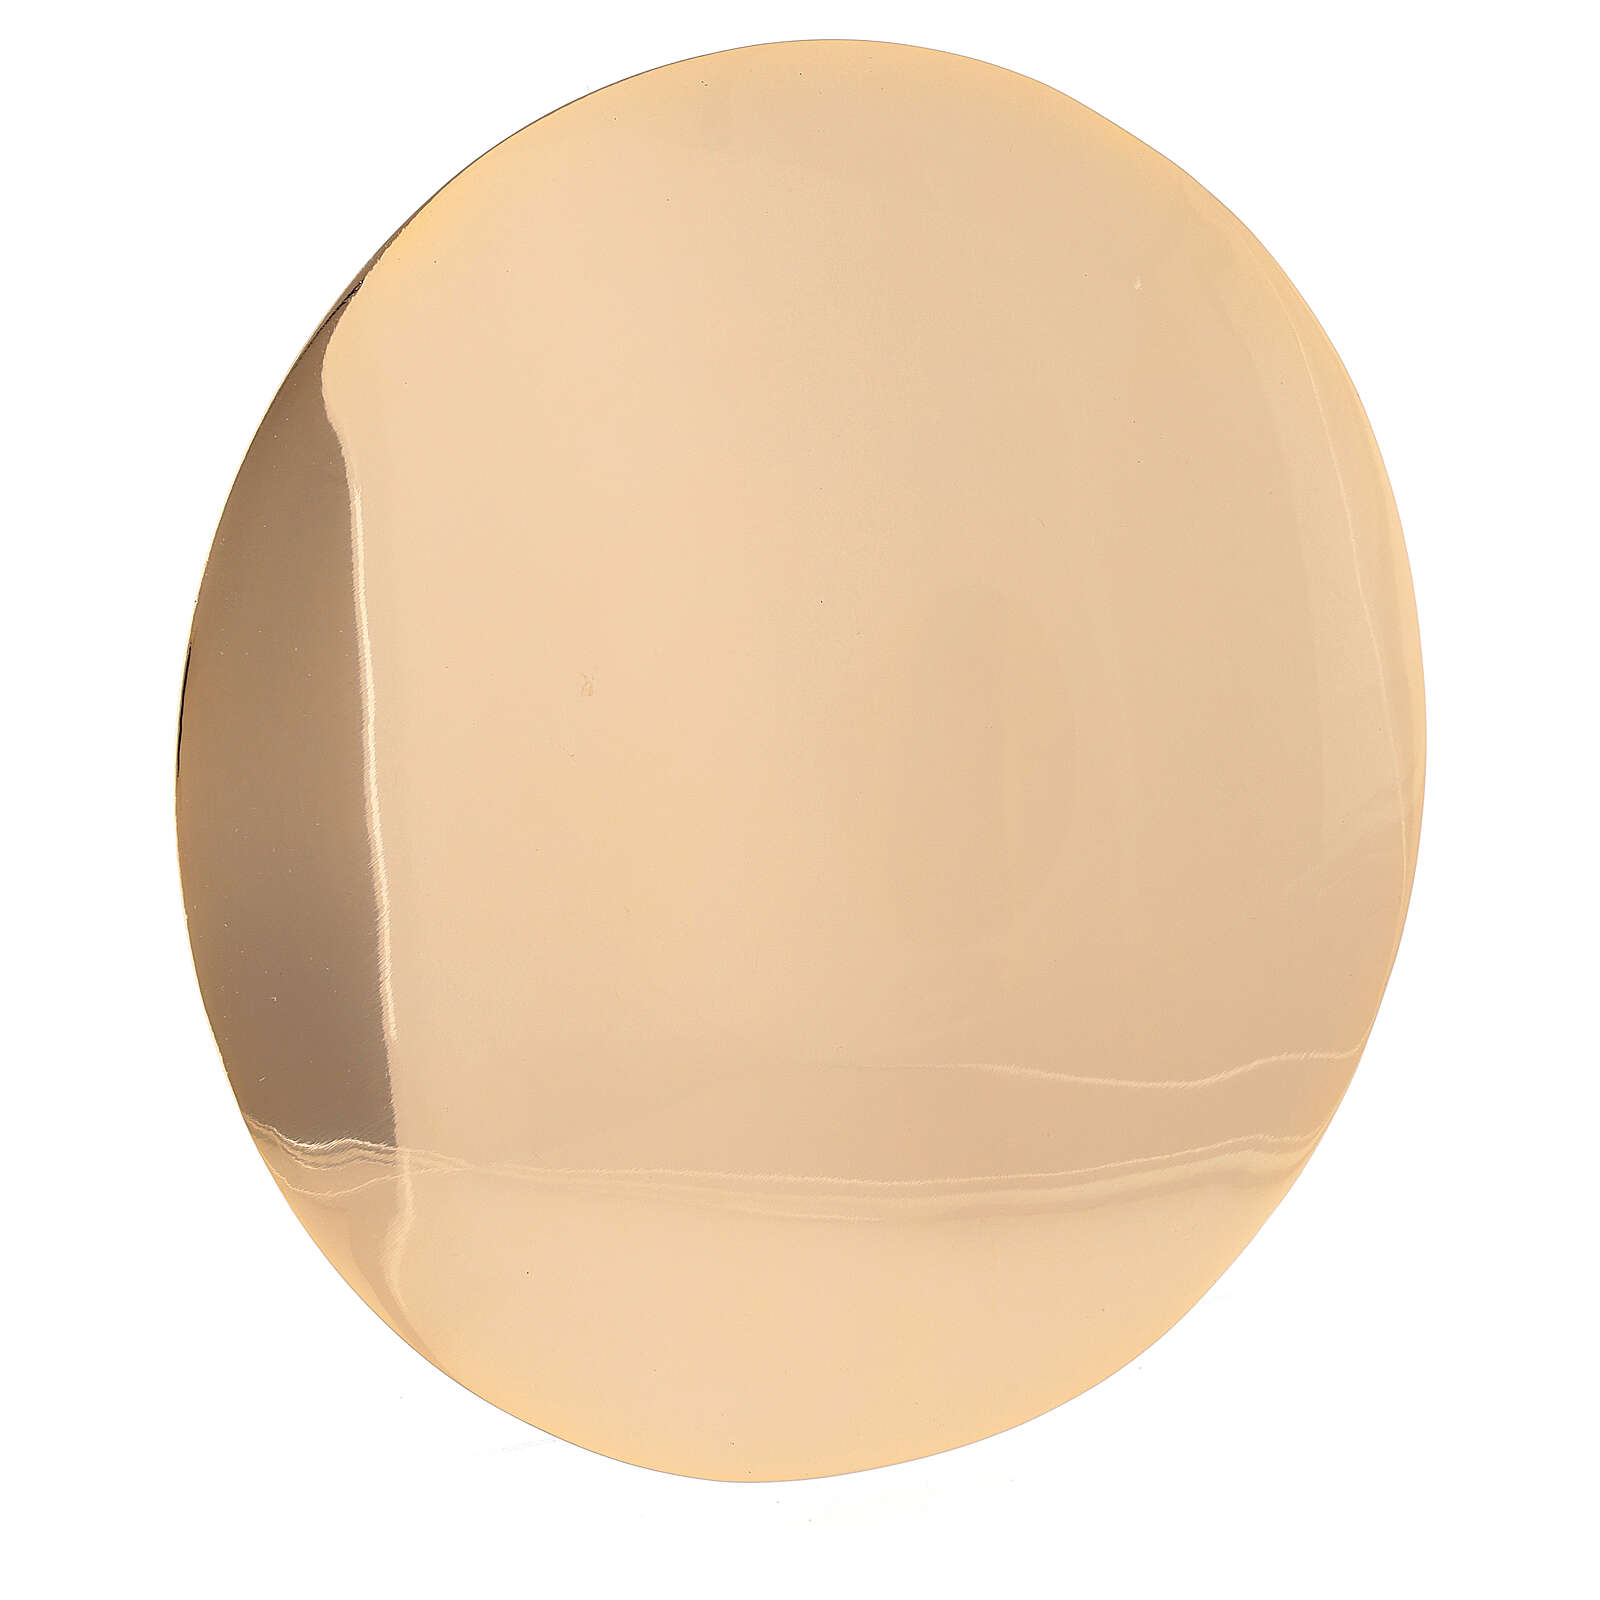 Patena semplice ottone vera doratura diametro 16 cm 4